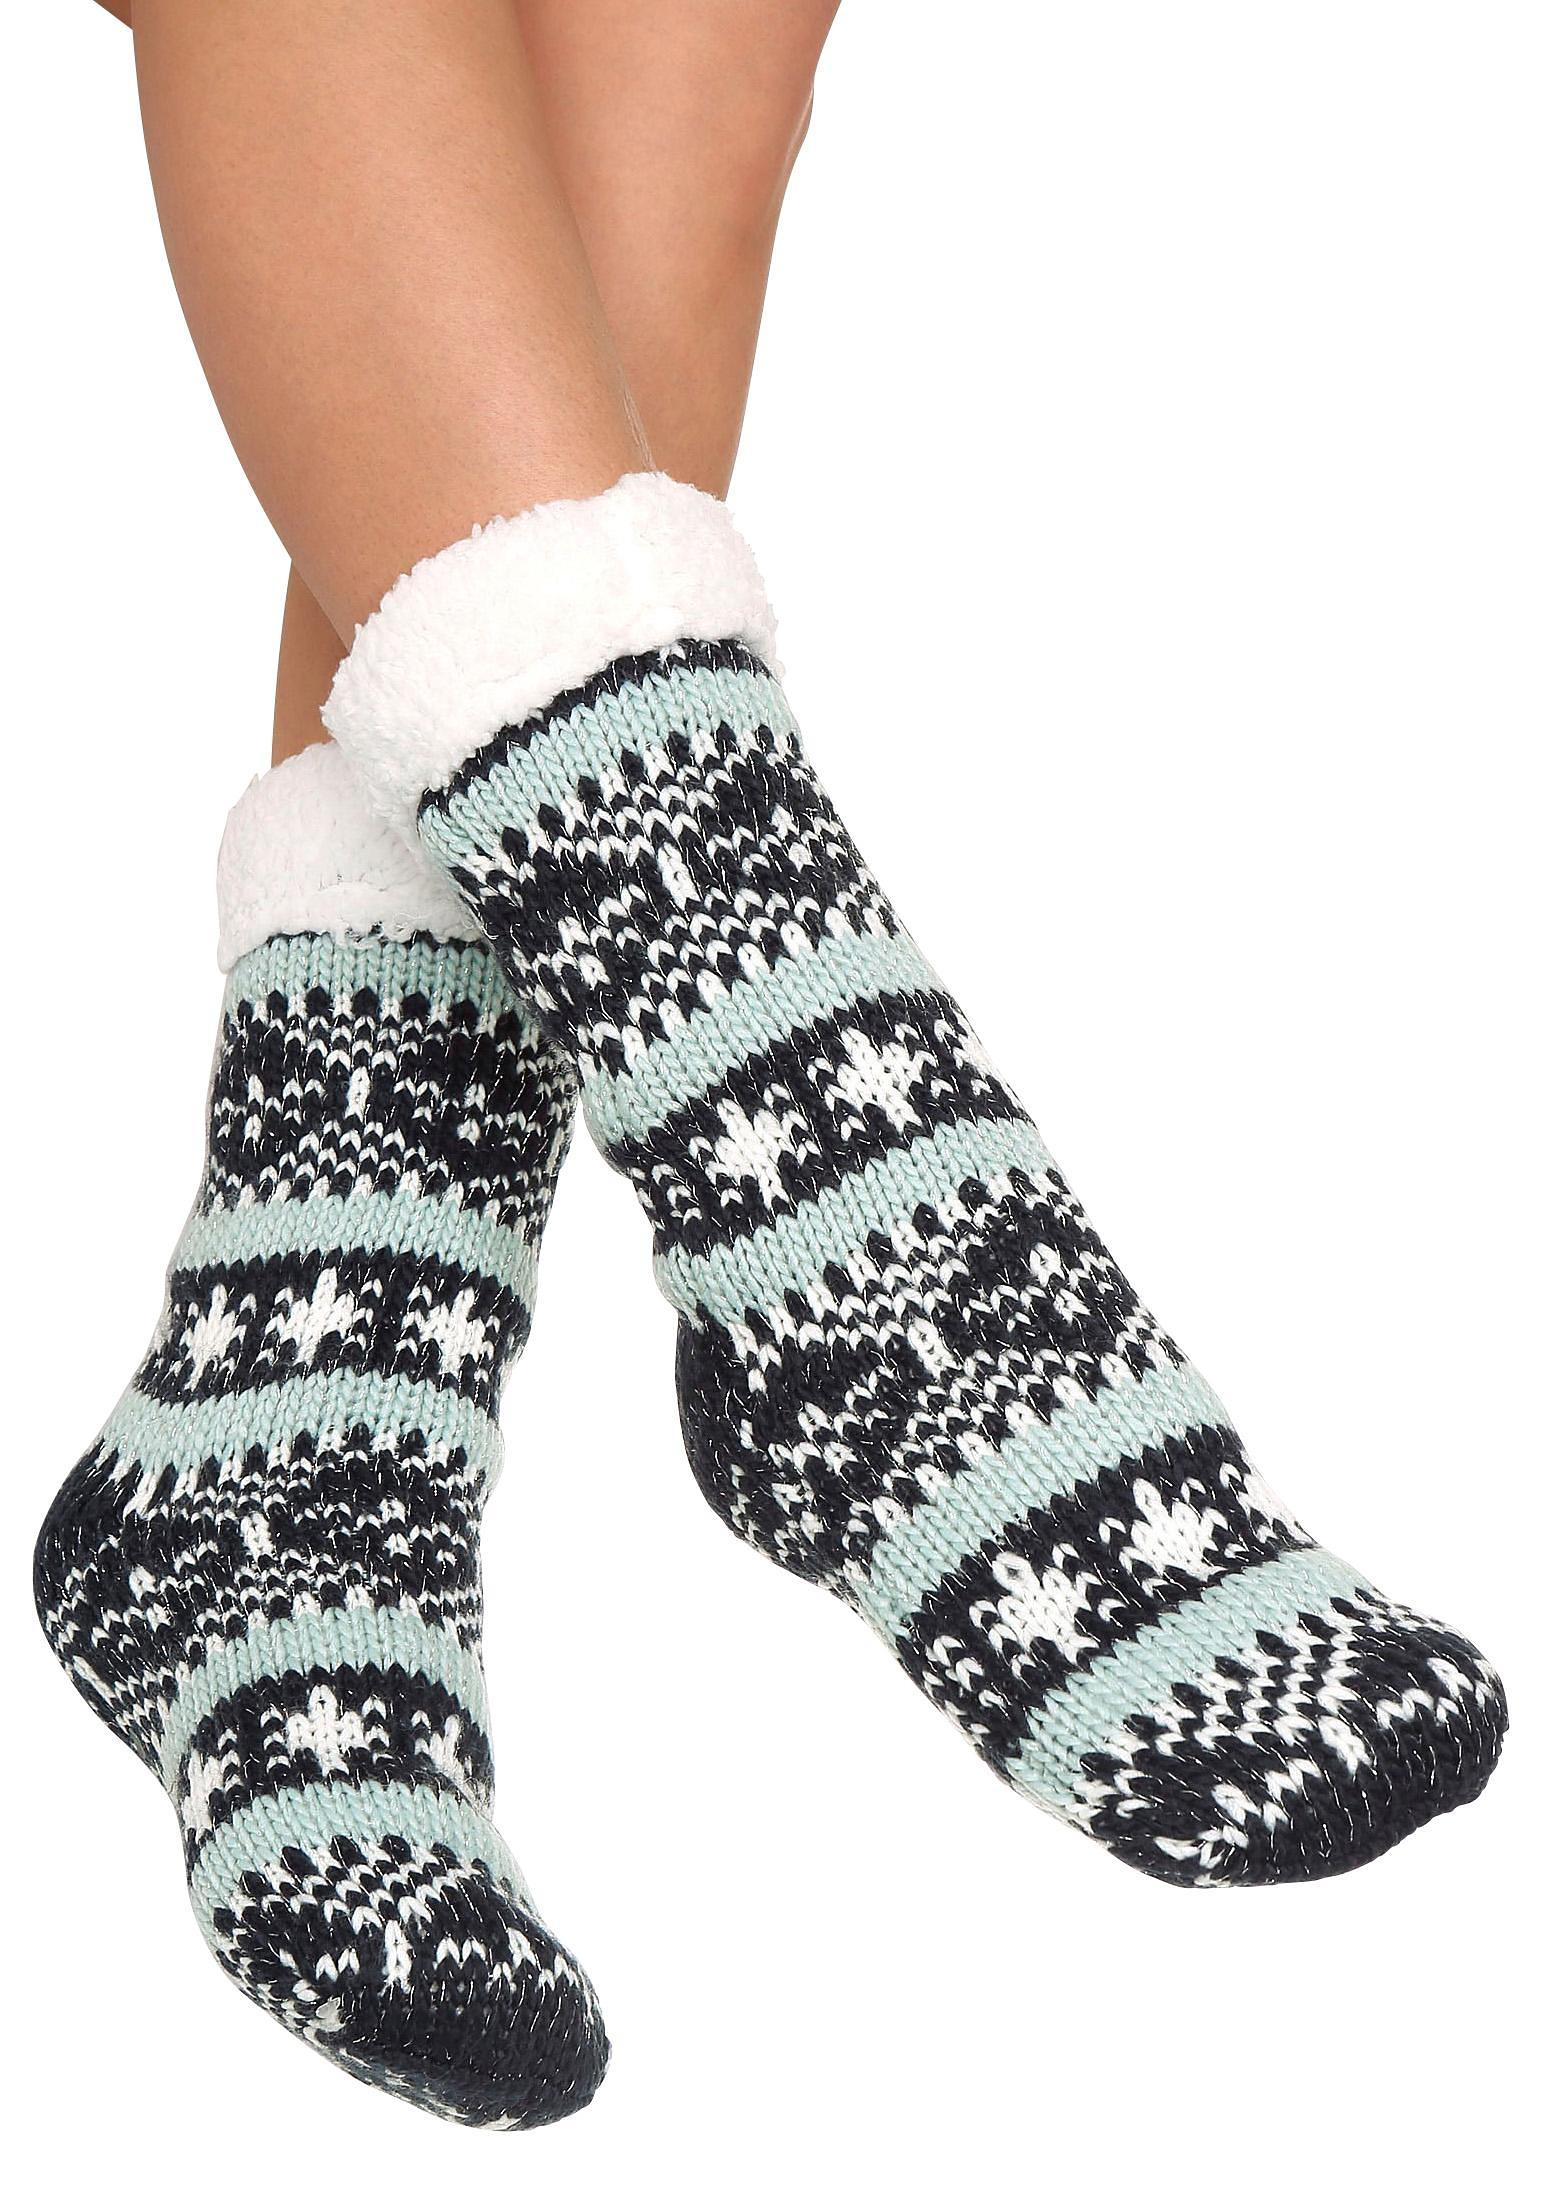 Apollo ARIZONA wellness-sokken bestellen: 14 dagen bedenktijd